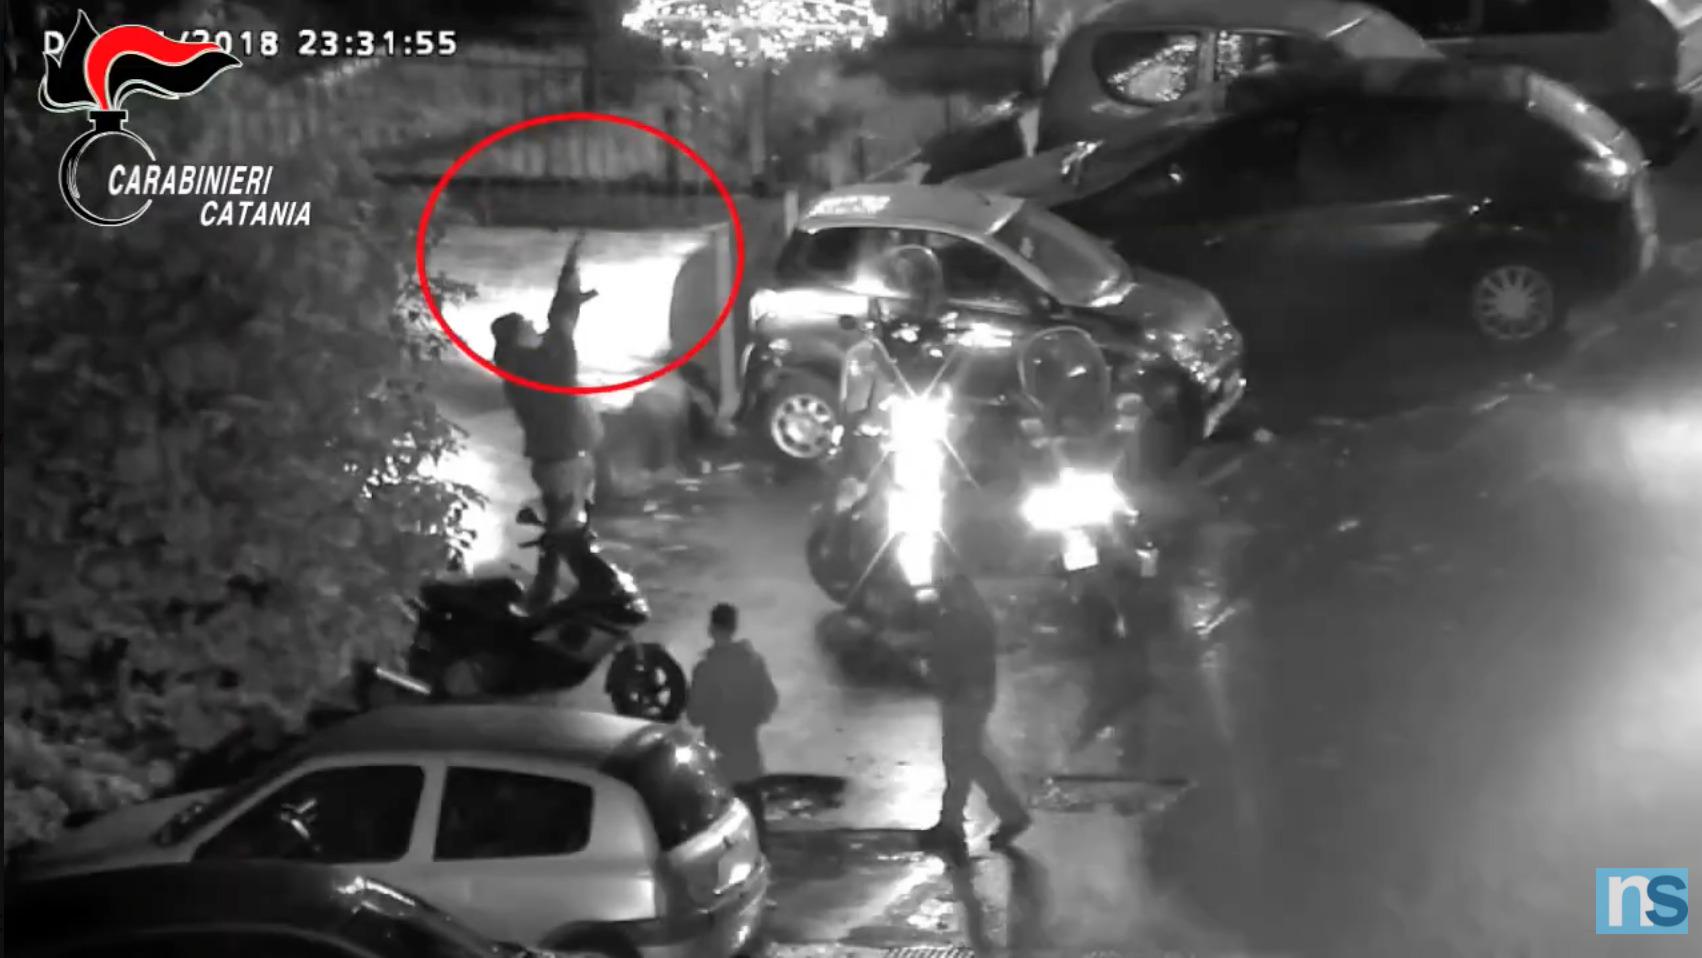 Catania, maxi operazione antimafia in corso: 101 indagati, smantellate 12 piazze di spaccio – VIDEO